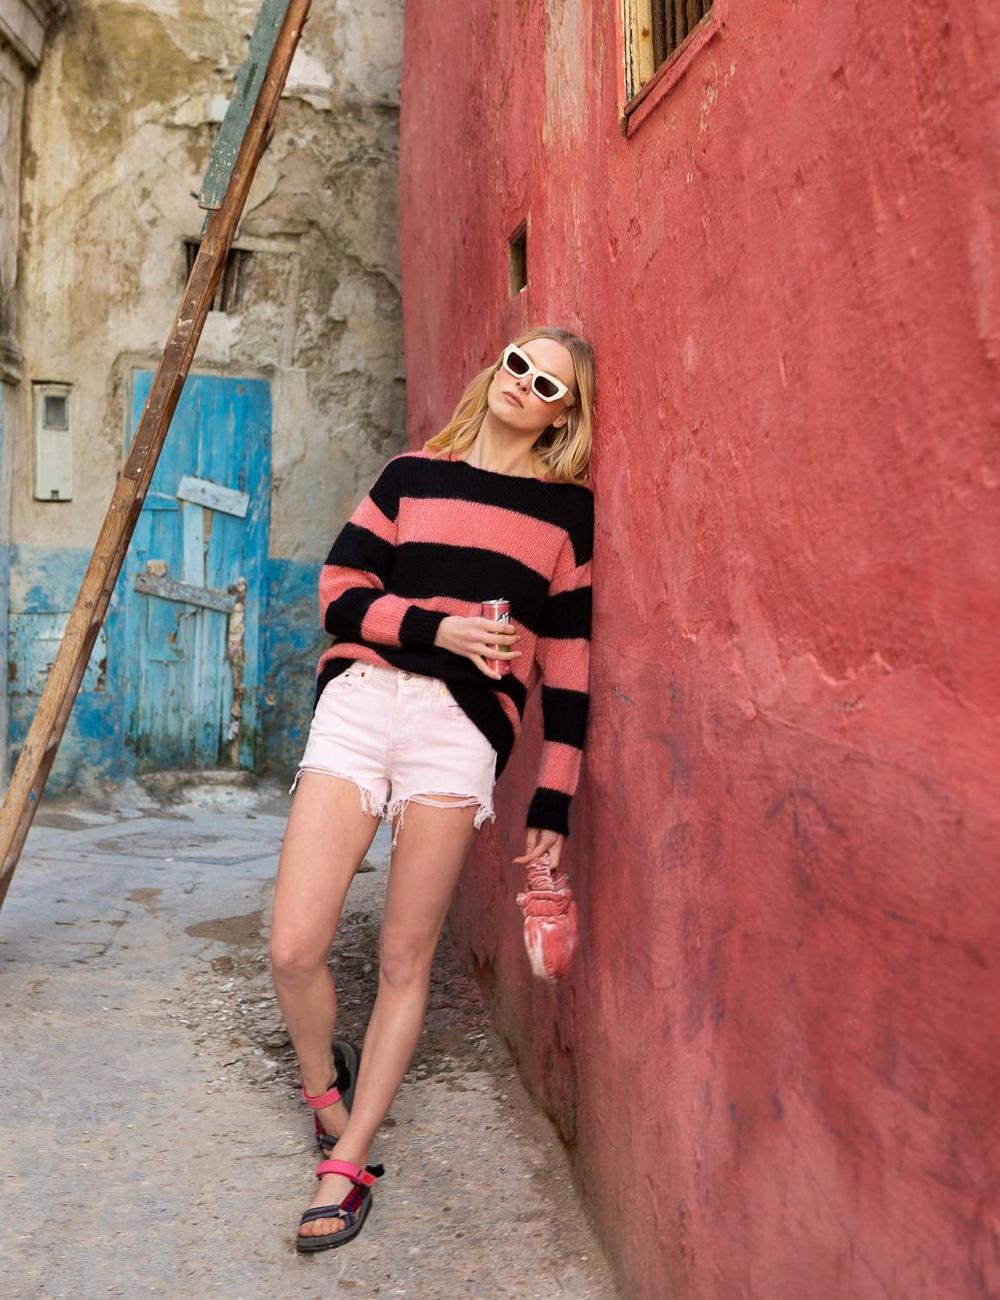 Romy De Vries by Jane Mcleish-Kelsey for Cosmopolitan June 2018